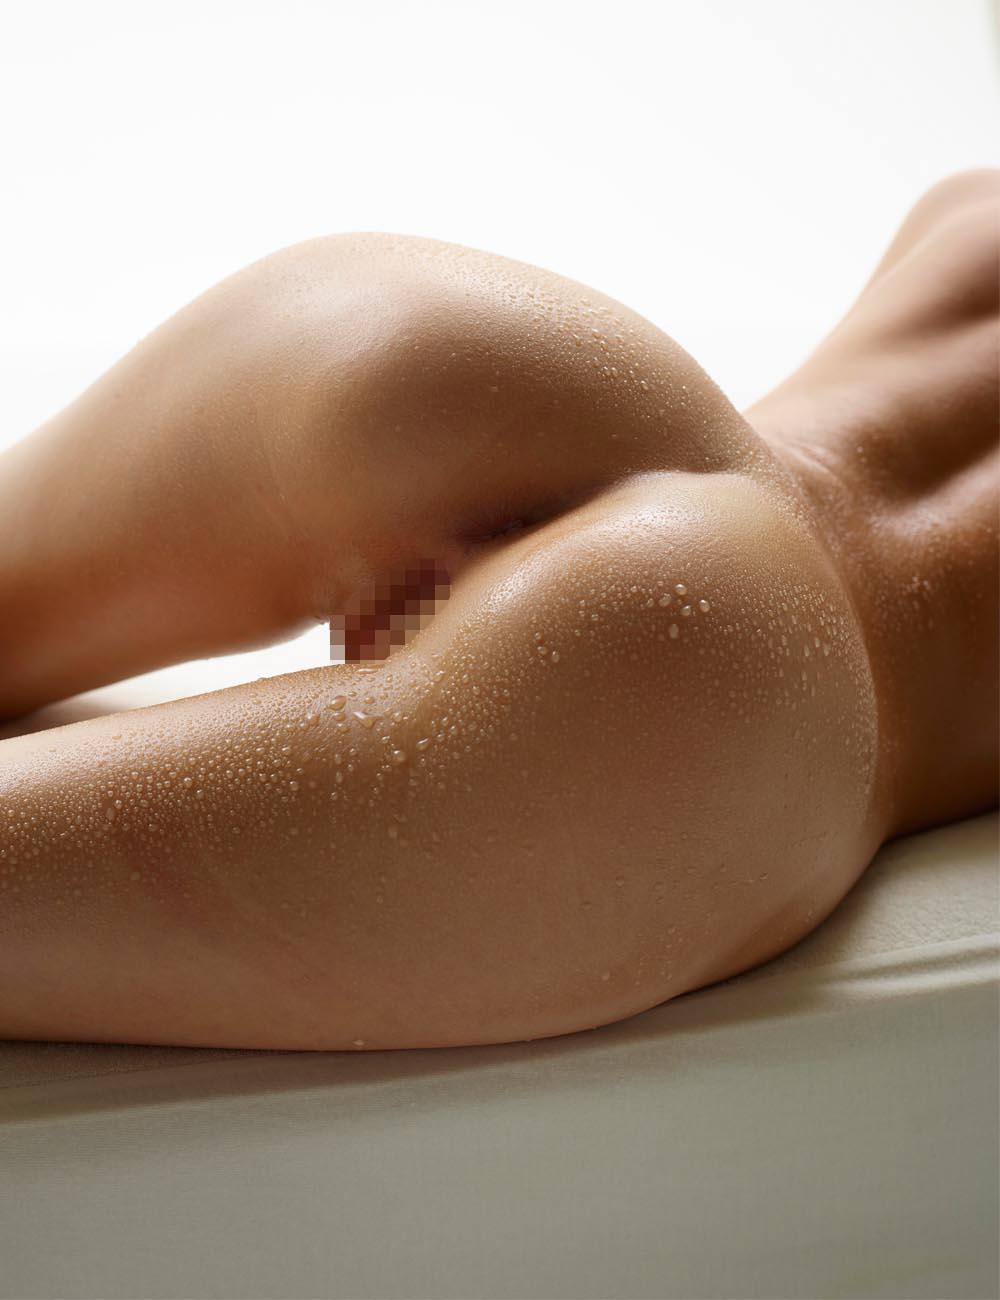 【海外エロ画像】くびれも重要!丸くて大きくて間違いなく美味な海外産の美巨尻(*´Д`)